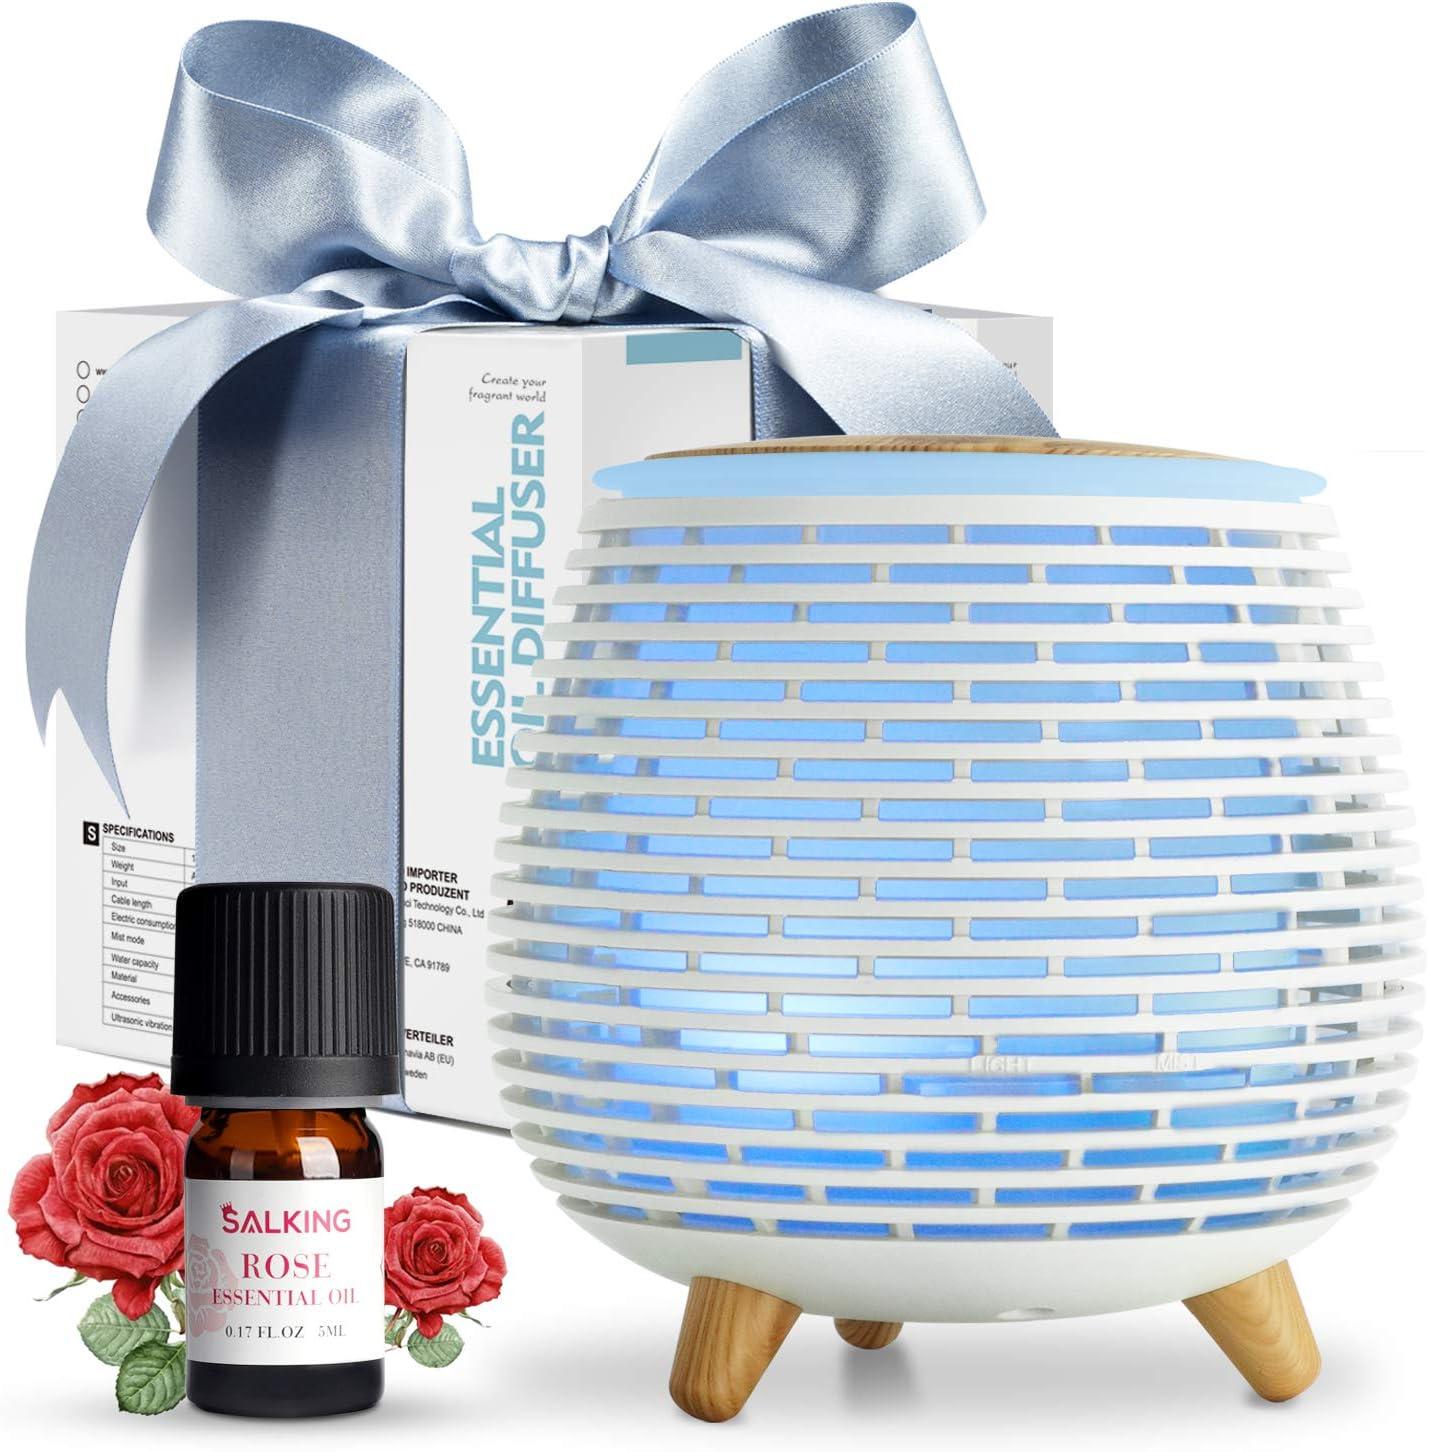 SALKING Humidificador Aceites Esenciales,Difusor de Aromaterapia con Rosa Aceite Esencial, Difusor Ultrasonico de Aceites Esenciales con LED de 7 Colores, 2 Modos Programados para Hogar,Oficina,Yoga